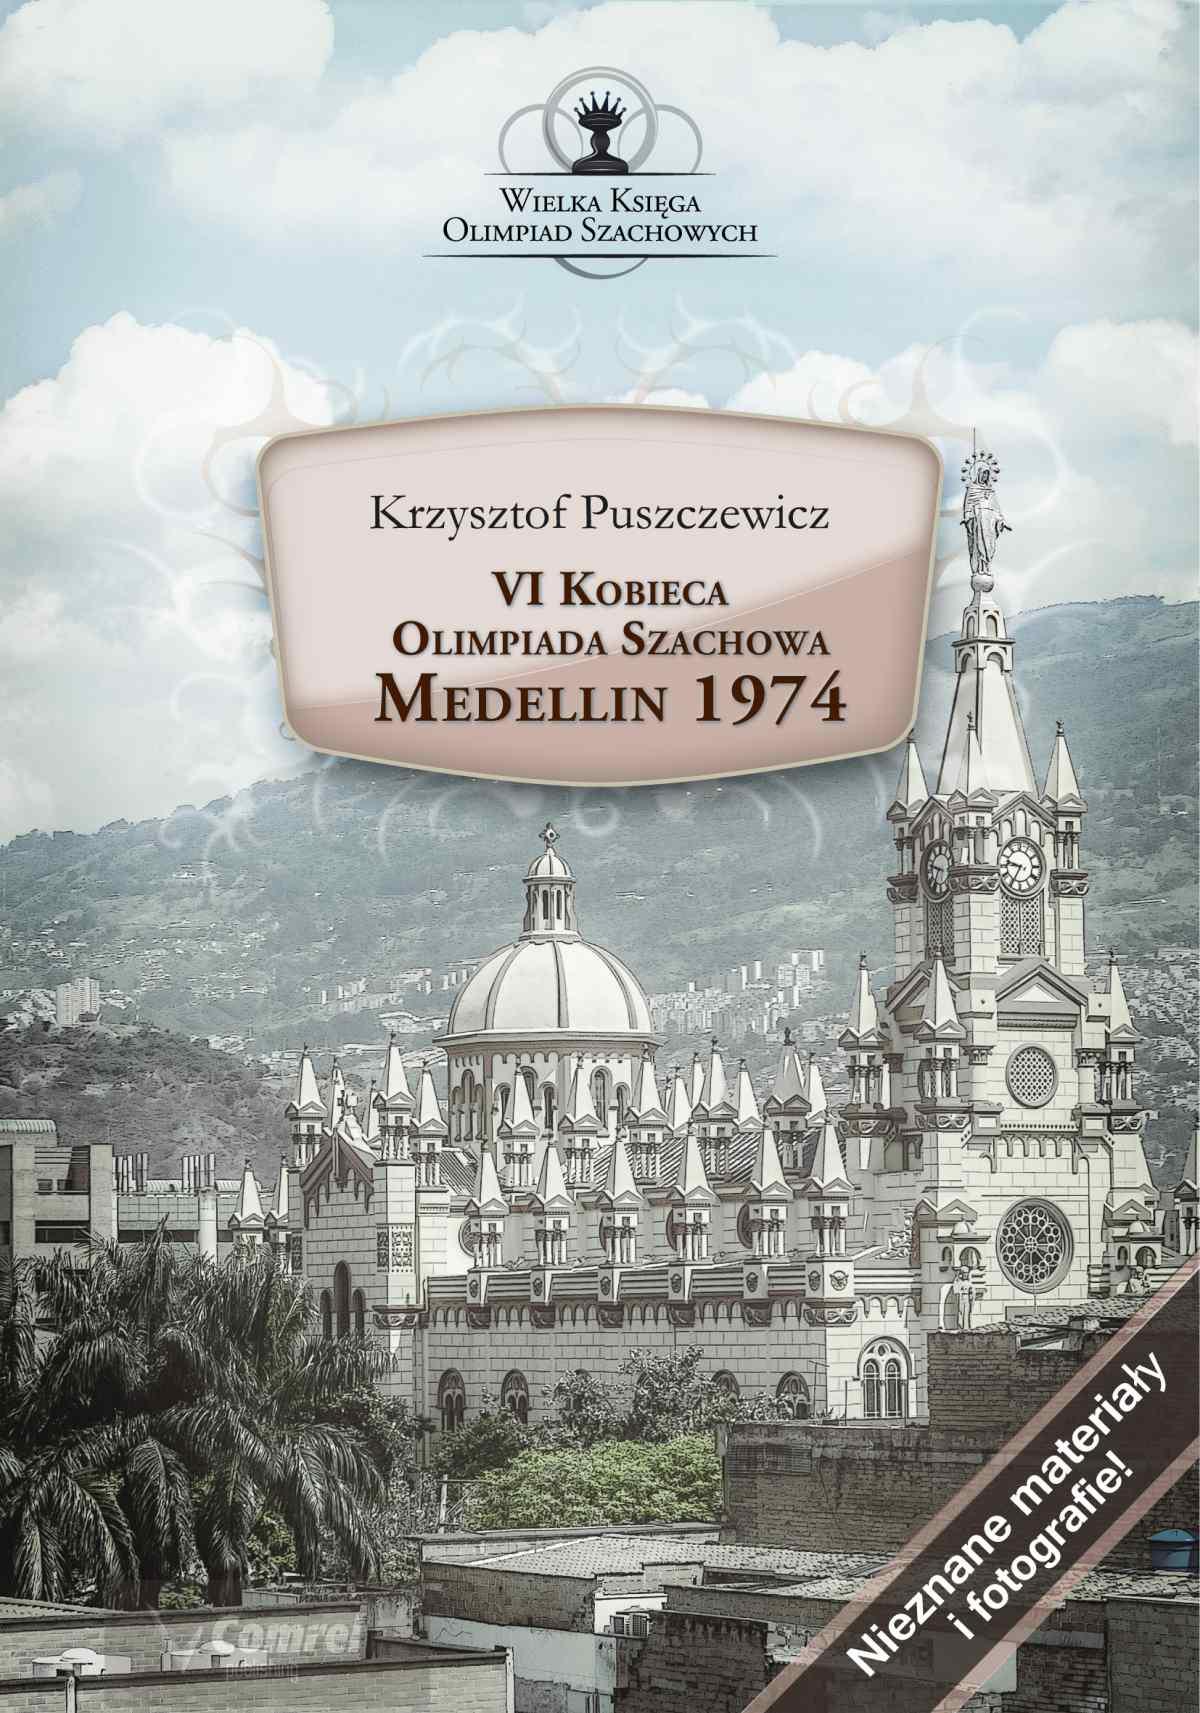 VI Kobieca Olimpiada Szachowa. Medellin 1974 - Ebook (Książka PDF) do pobrania w formacie PDF